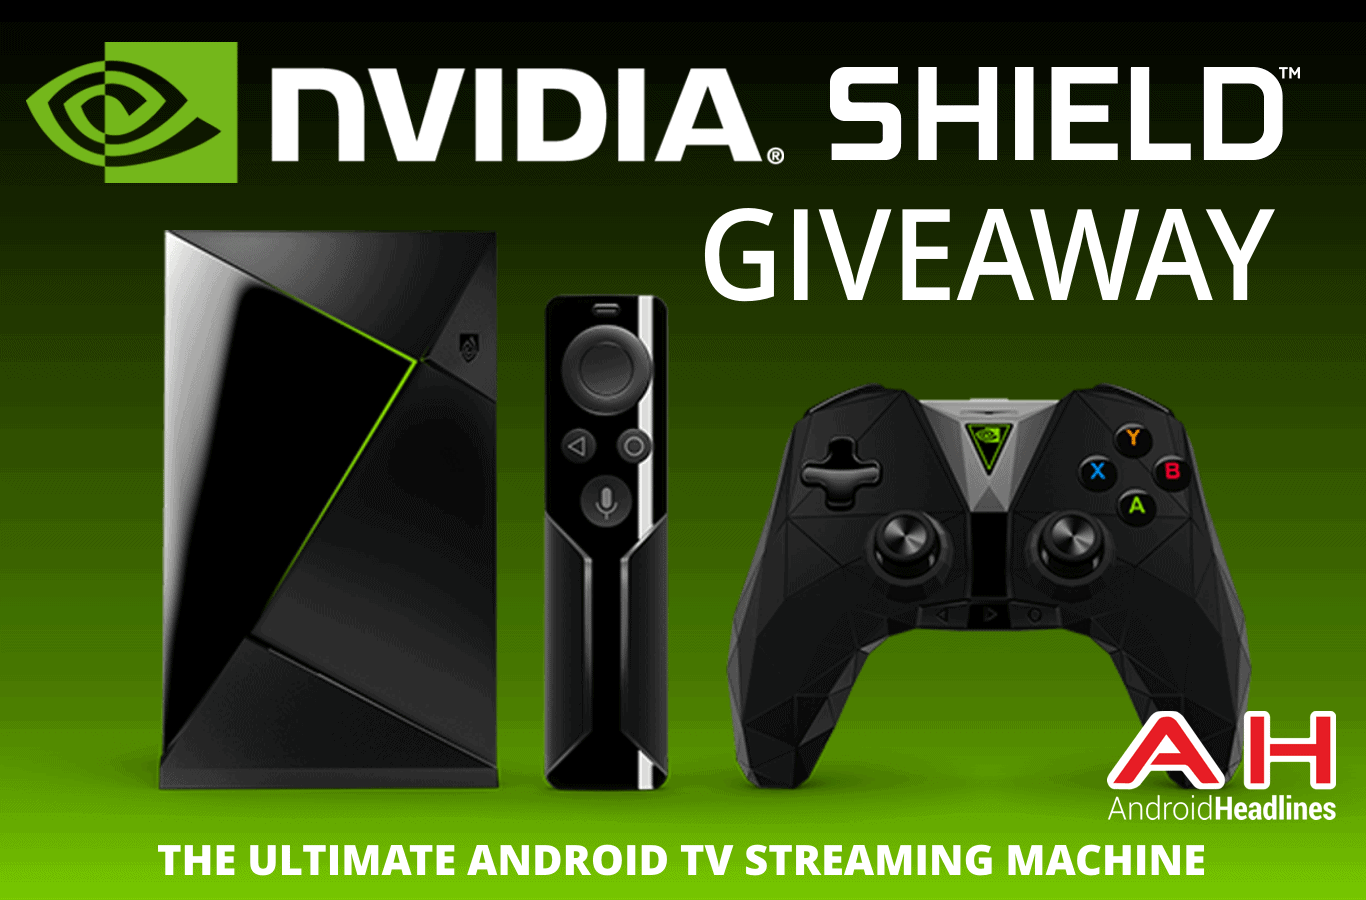 AH nvidia shield 2 giveaway